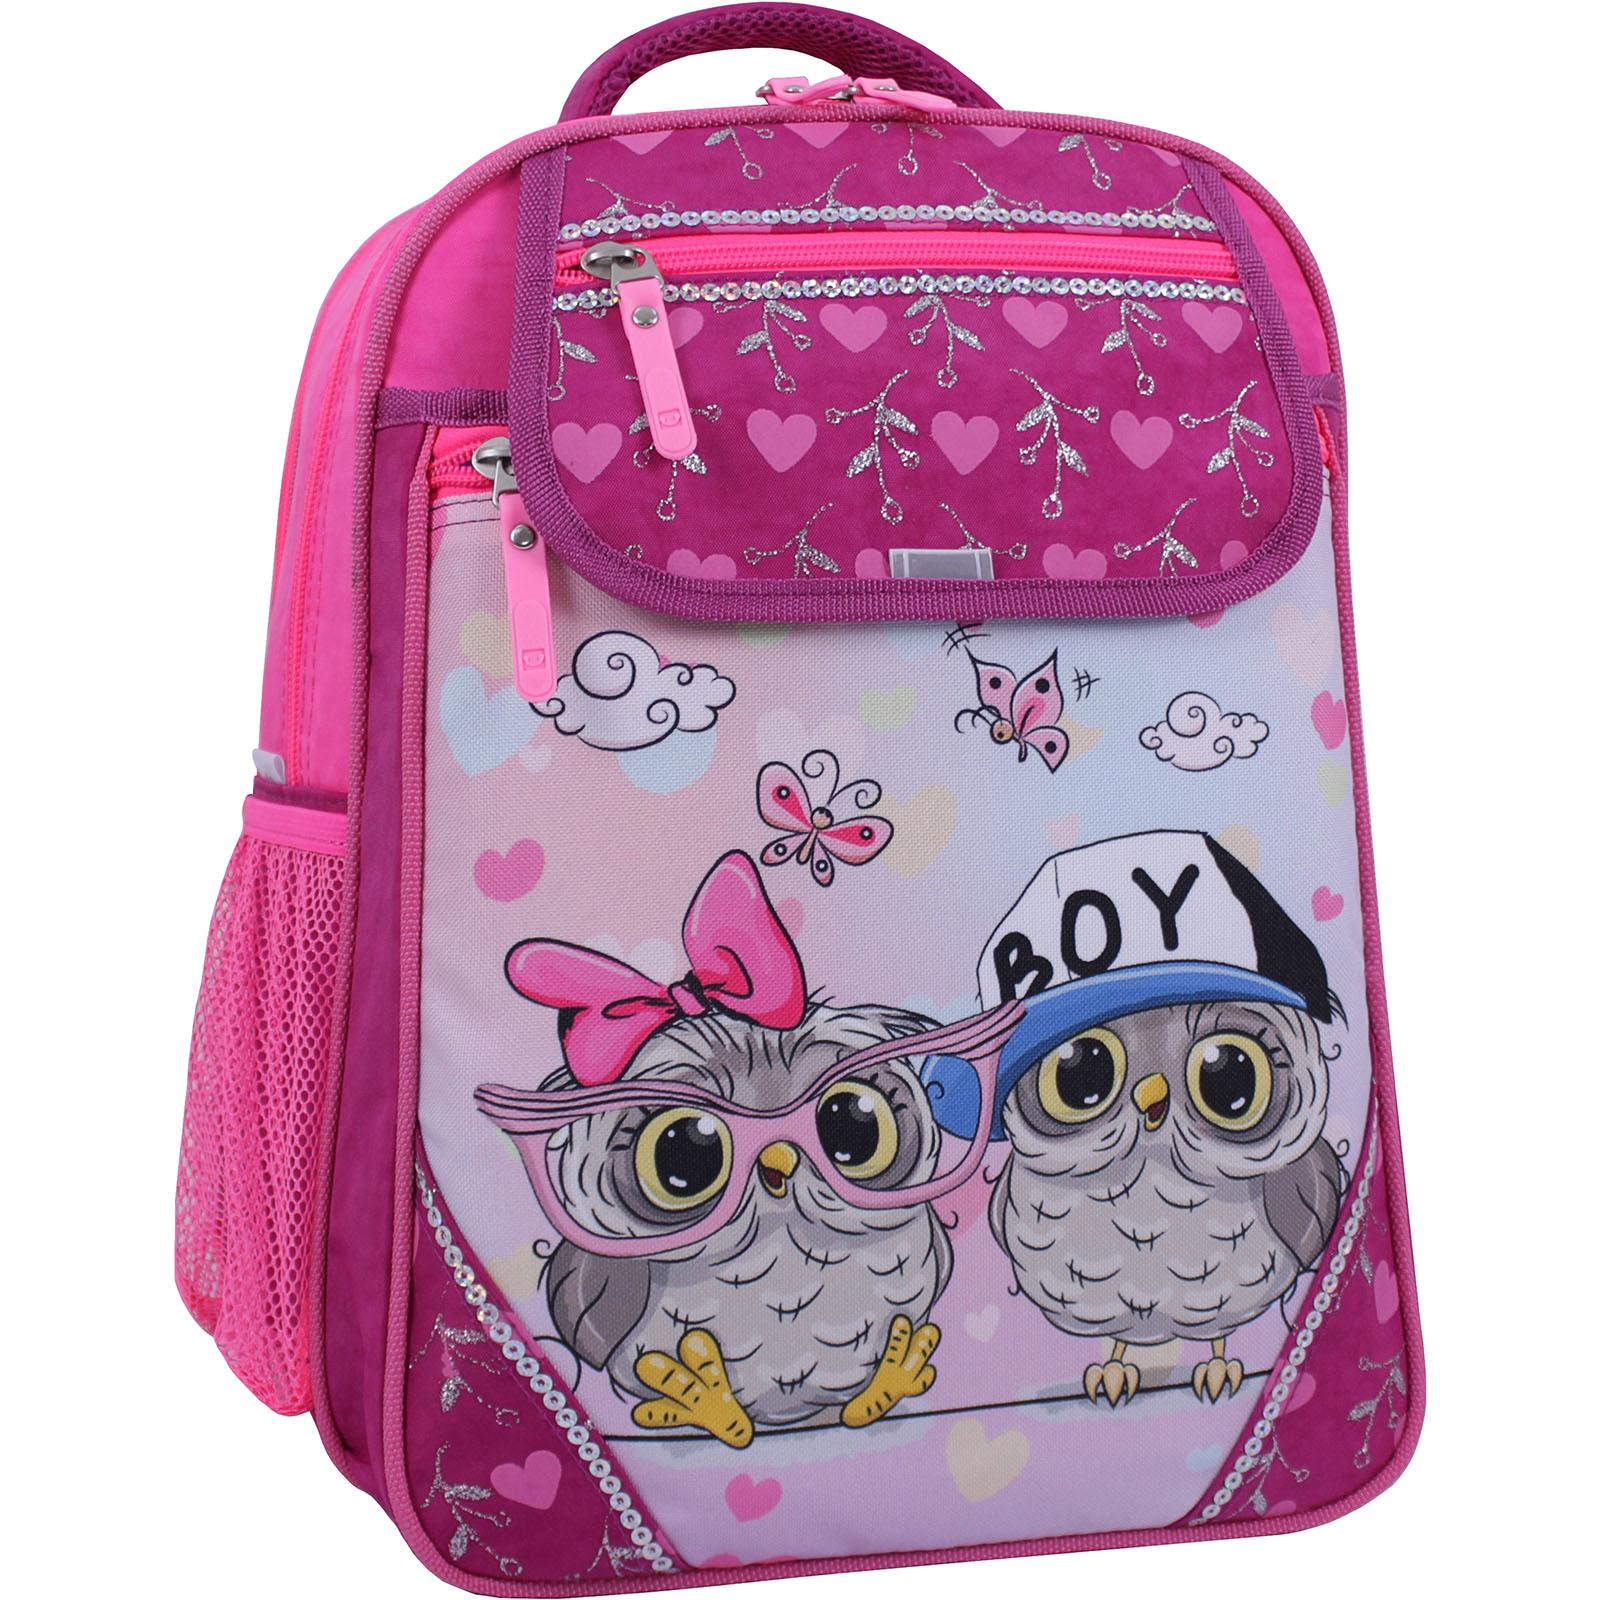 Школьные рюкзаки Рюкзак школьный Bagland Отличник 20 л. 143 малина 515 (0058070) IMG_1312_суб.515_.JPG